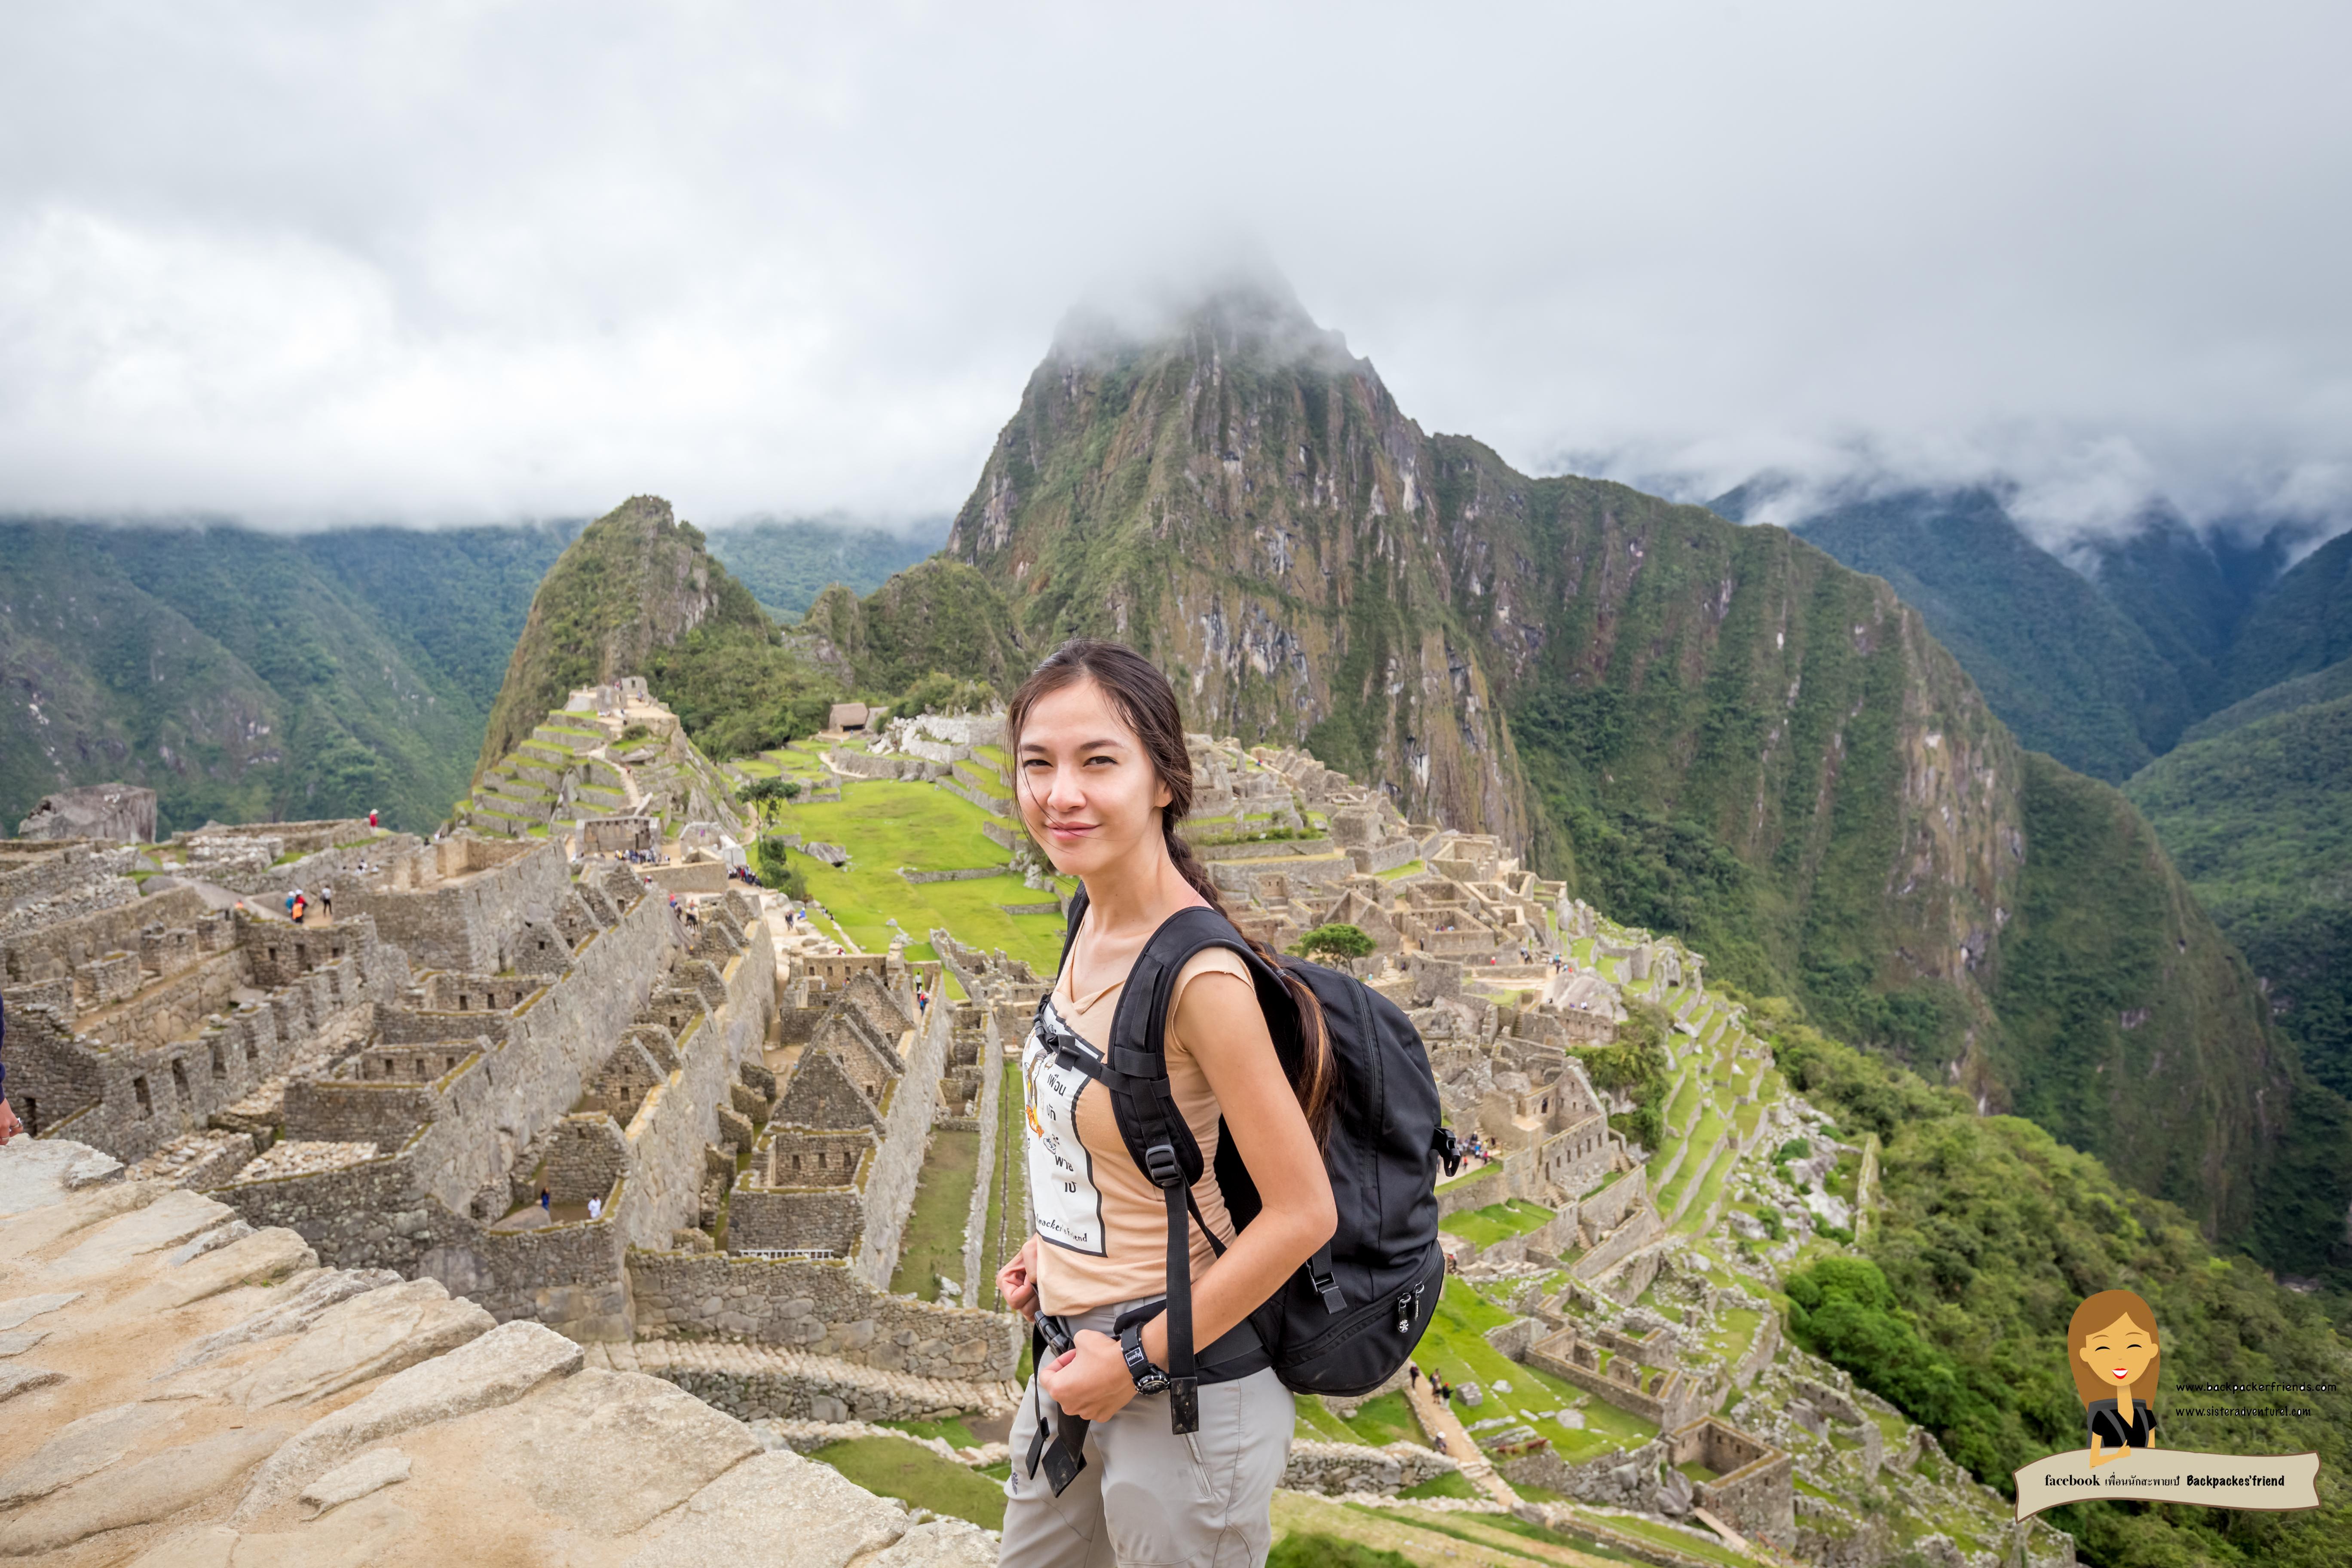 ทัวร์อเมริกาใต้ : ทัวร์เปรู ชนิดเจาะลึก  Cuzco,มาชูพิกชู ,Maras นาเกลือขั้นบันใด,หุบเขาพิศวง Sacray Valley,ทะเลสาบติติกากา  11  วัน 7คืน  พัก โรงแรม 4-5 ดาว